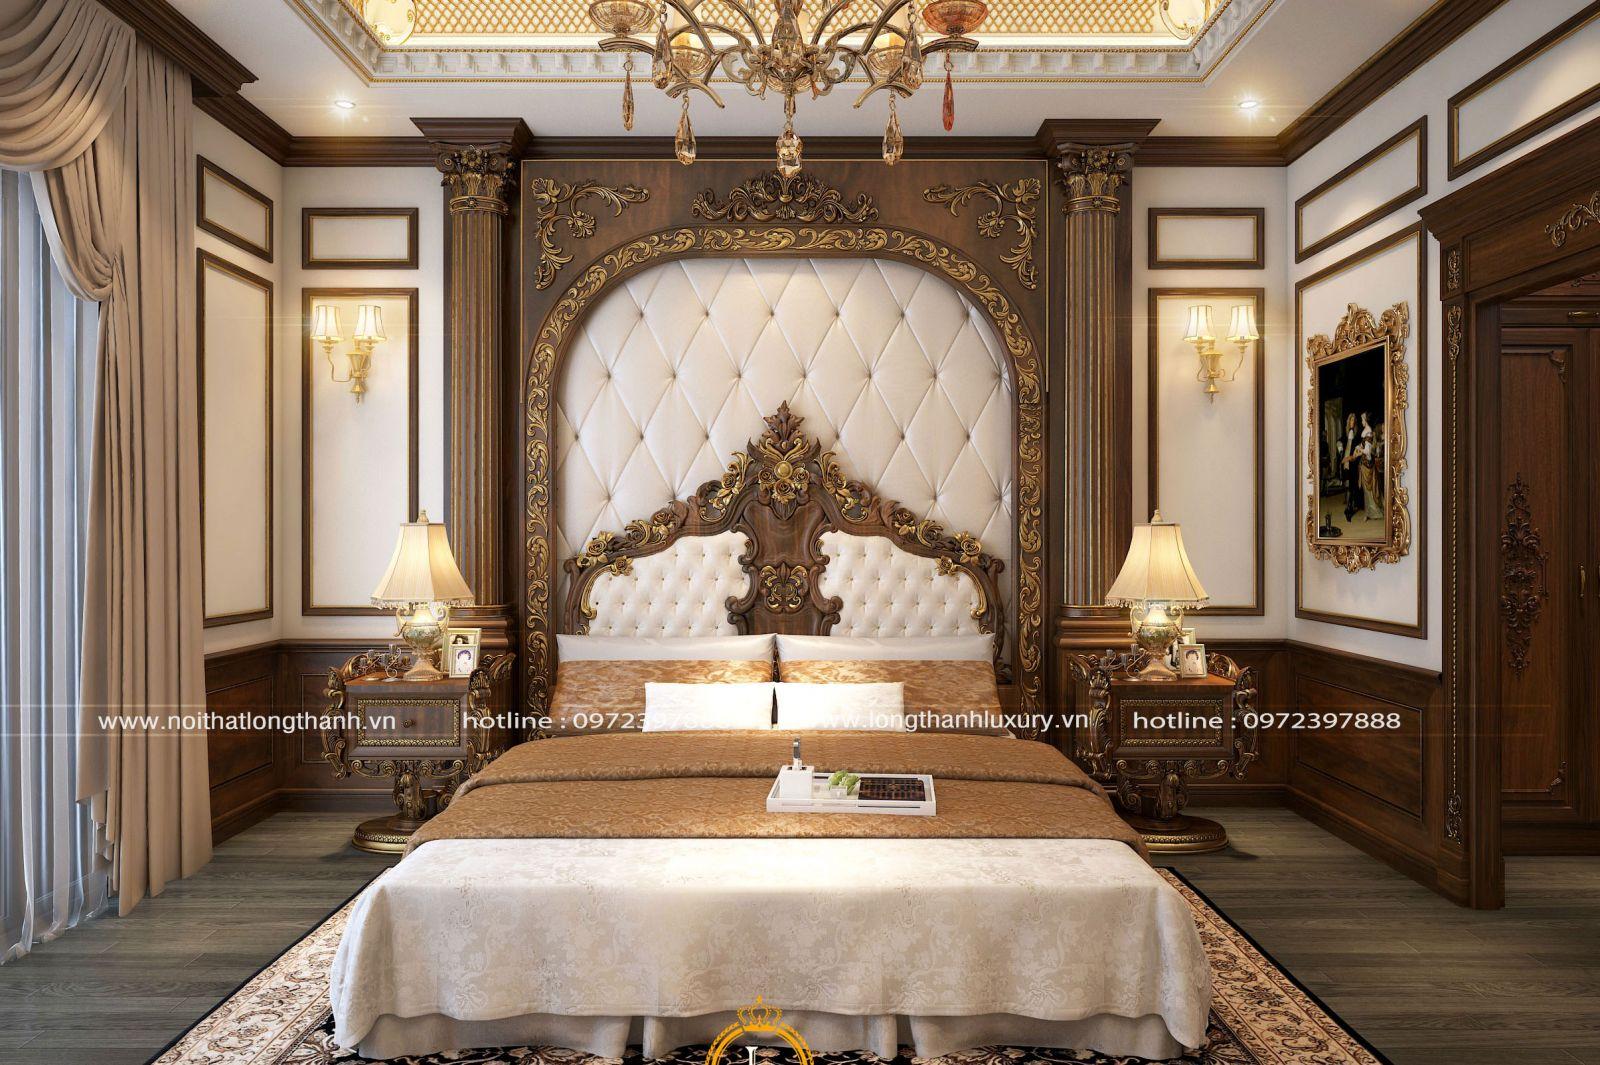 Phòng ngủ đẹp được dát vàng lộng lẫy